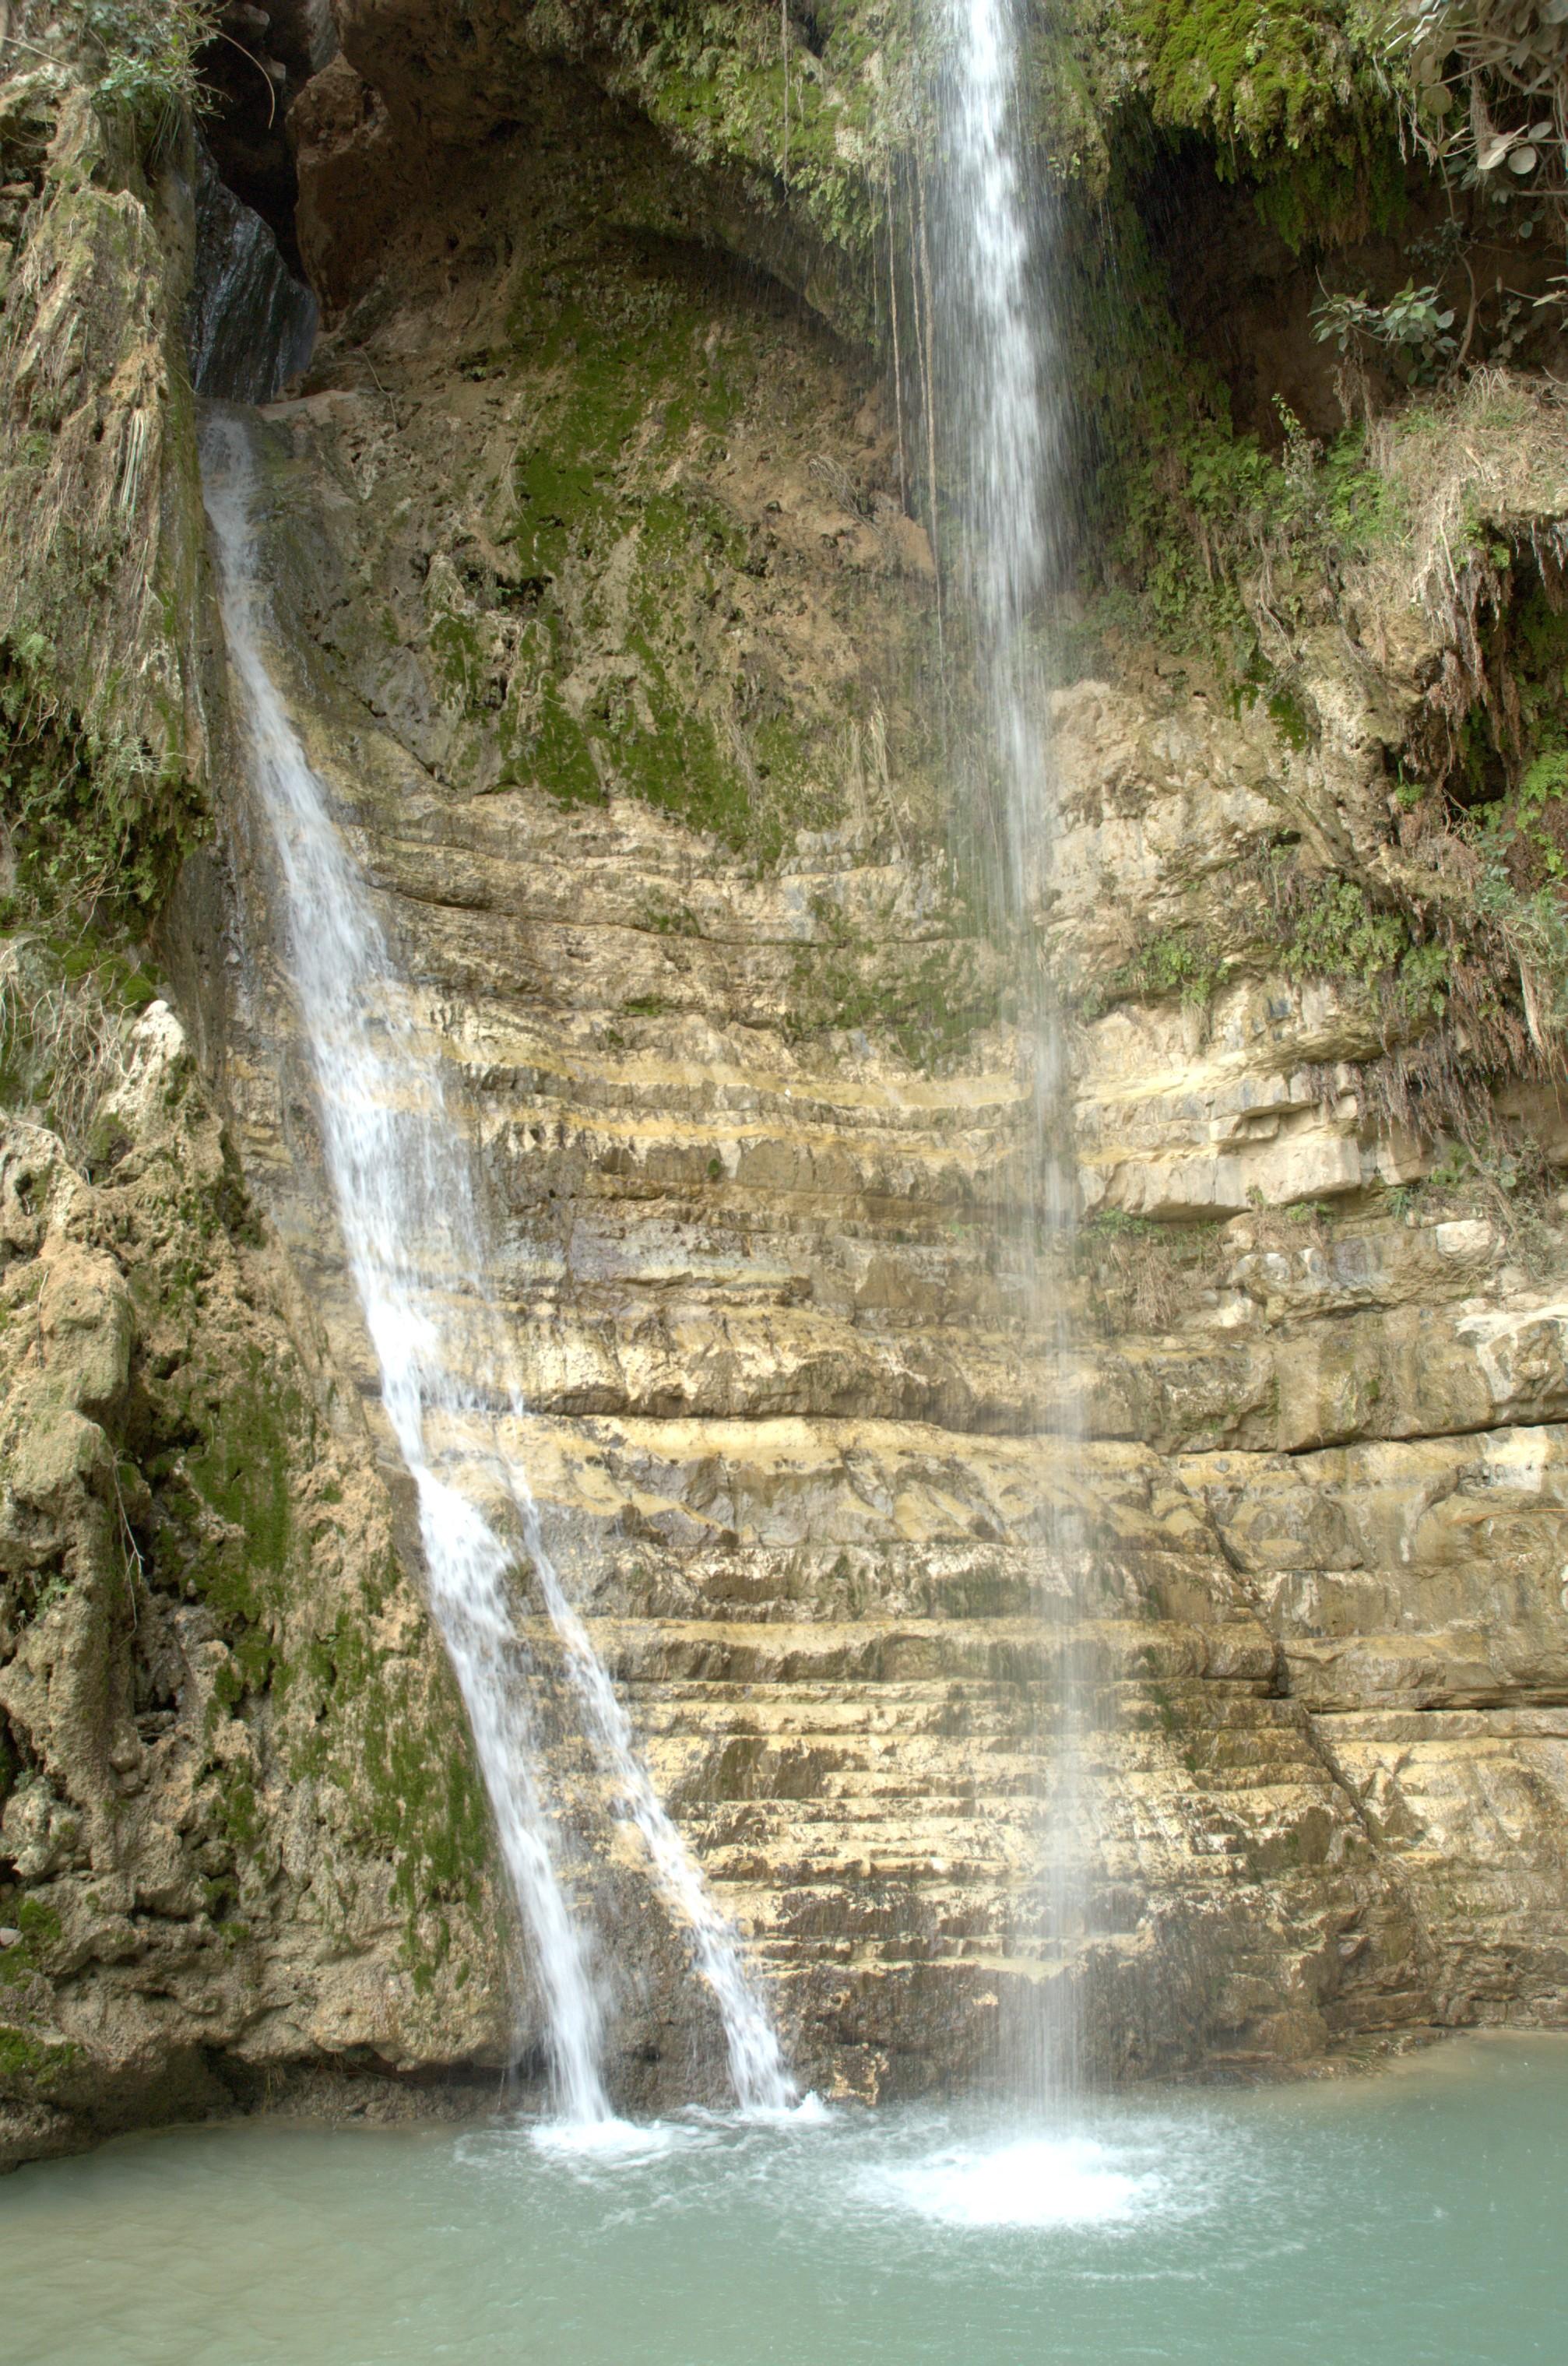 מפל דוד שמורת הטבע עין גדי, תמונה ויקיפדיה